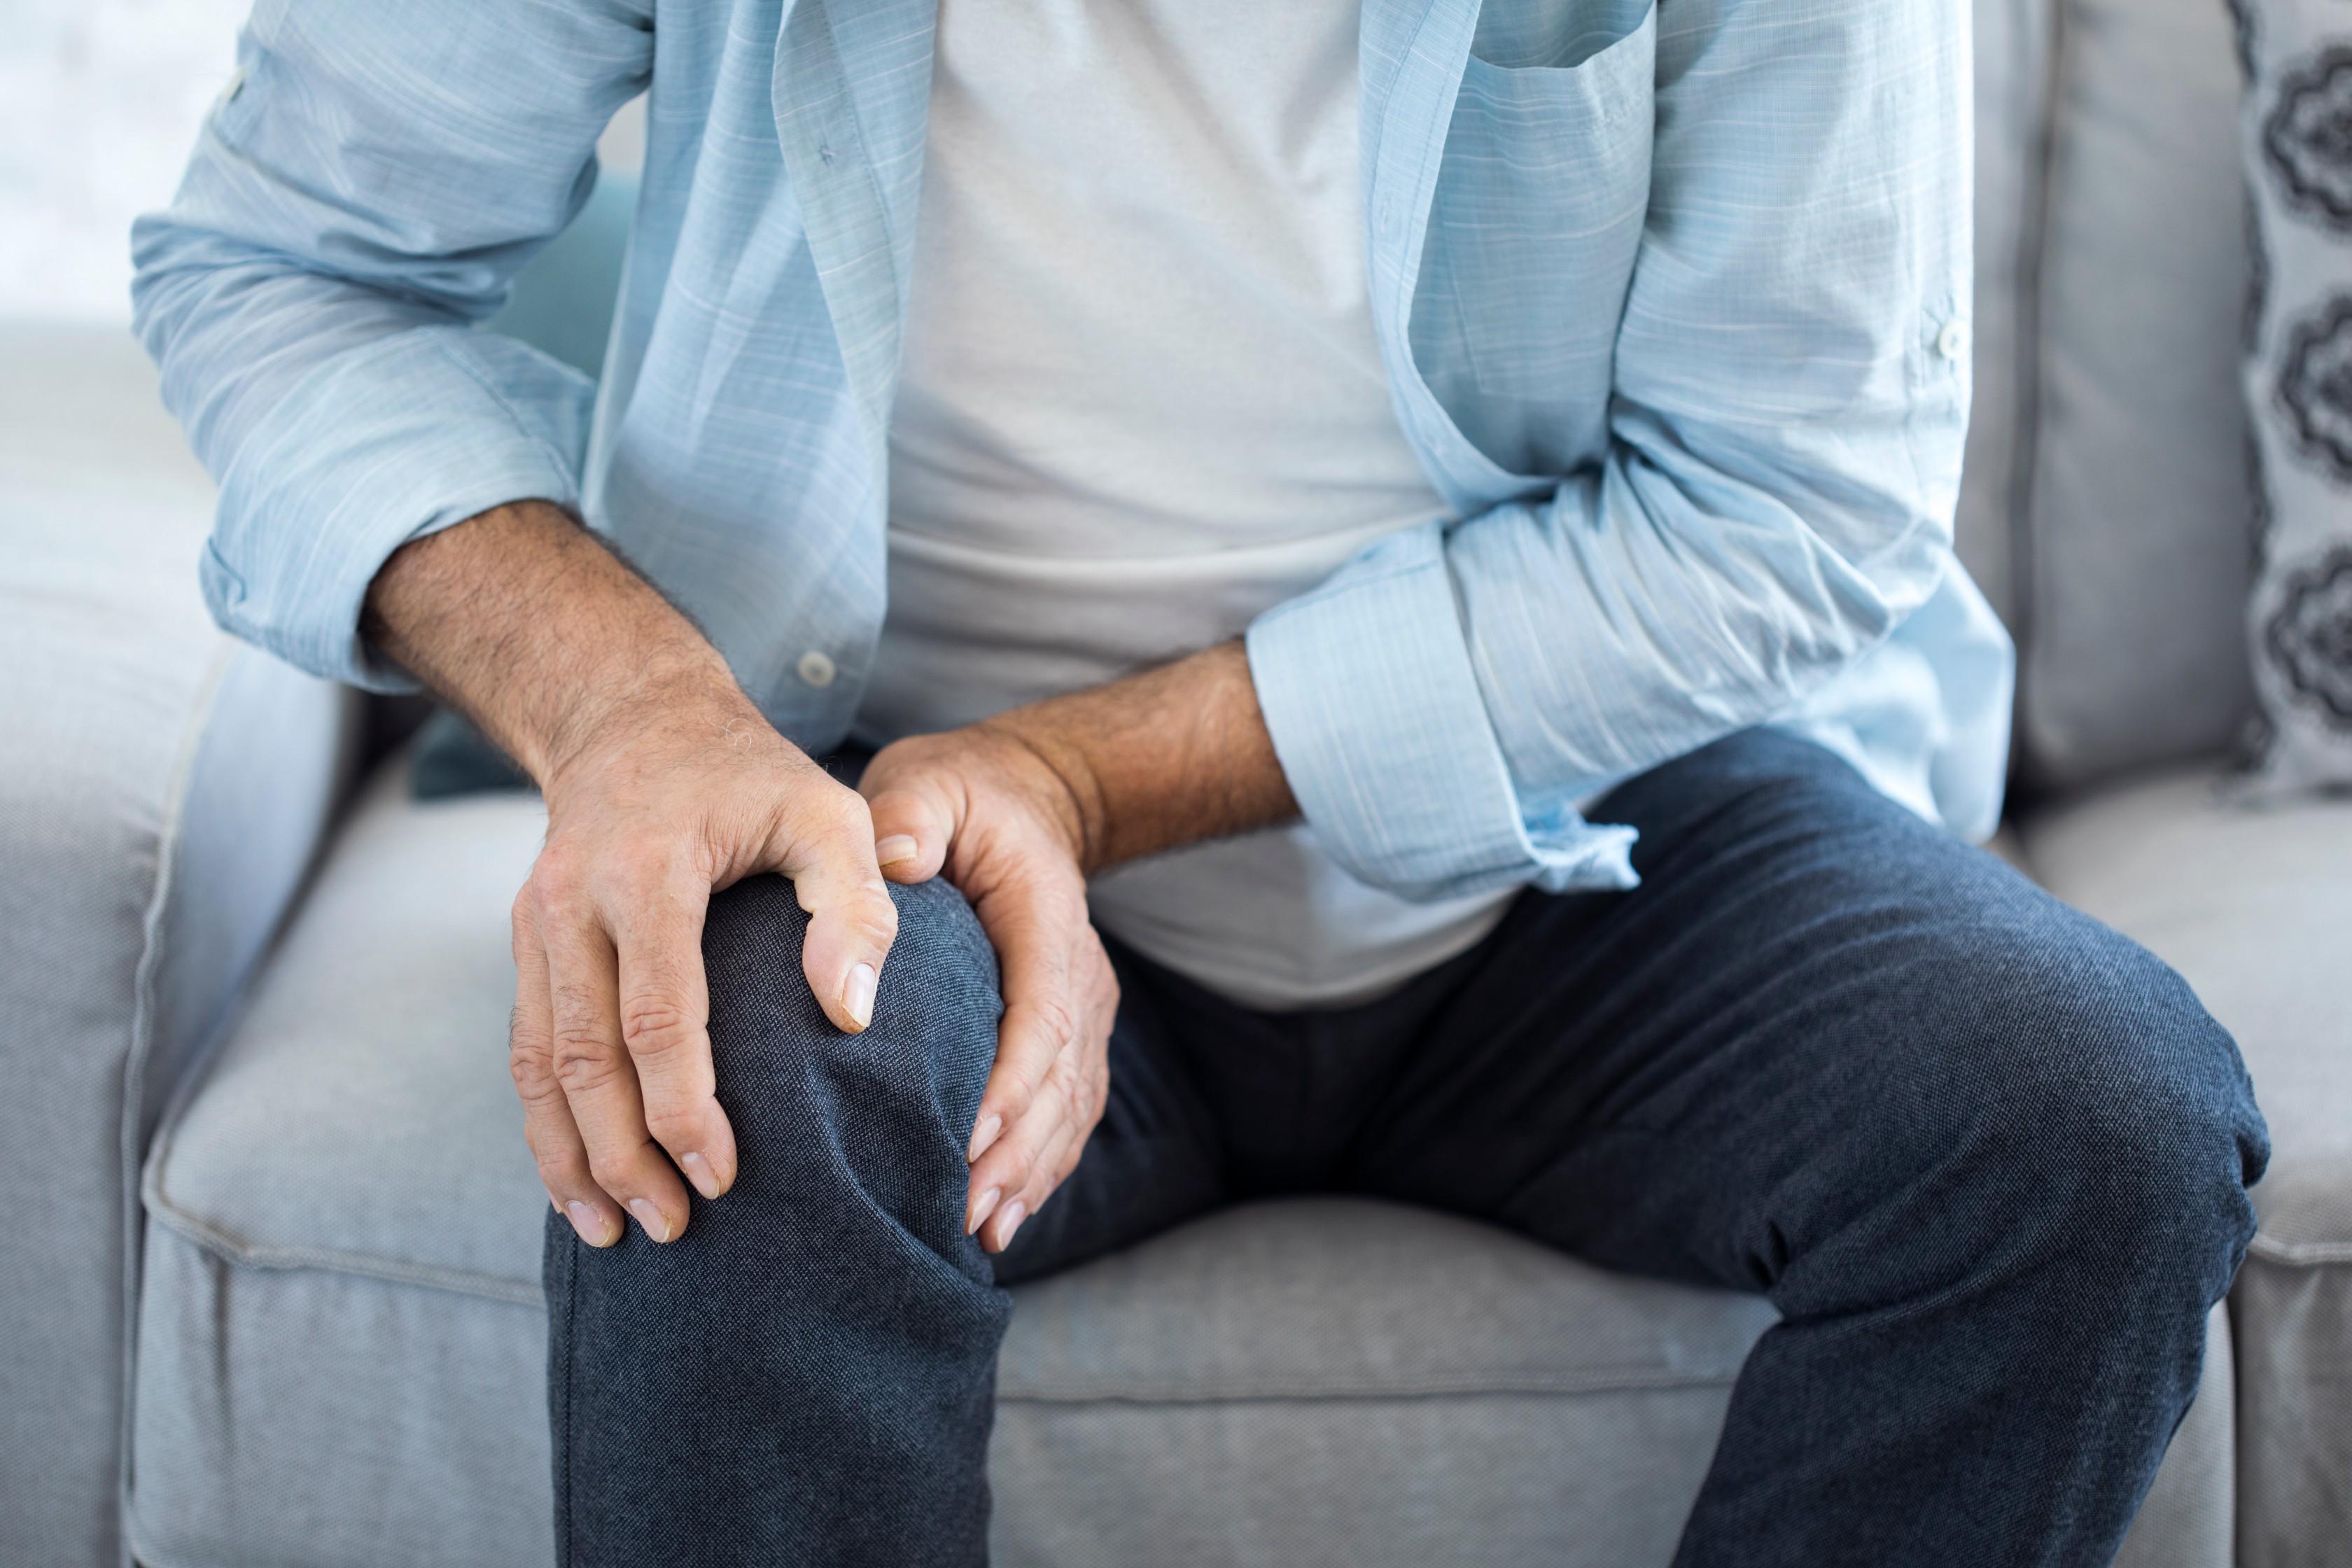 ödéma és ízületi fájdalom kezelése